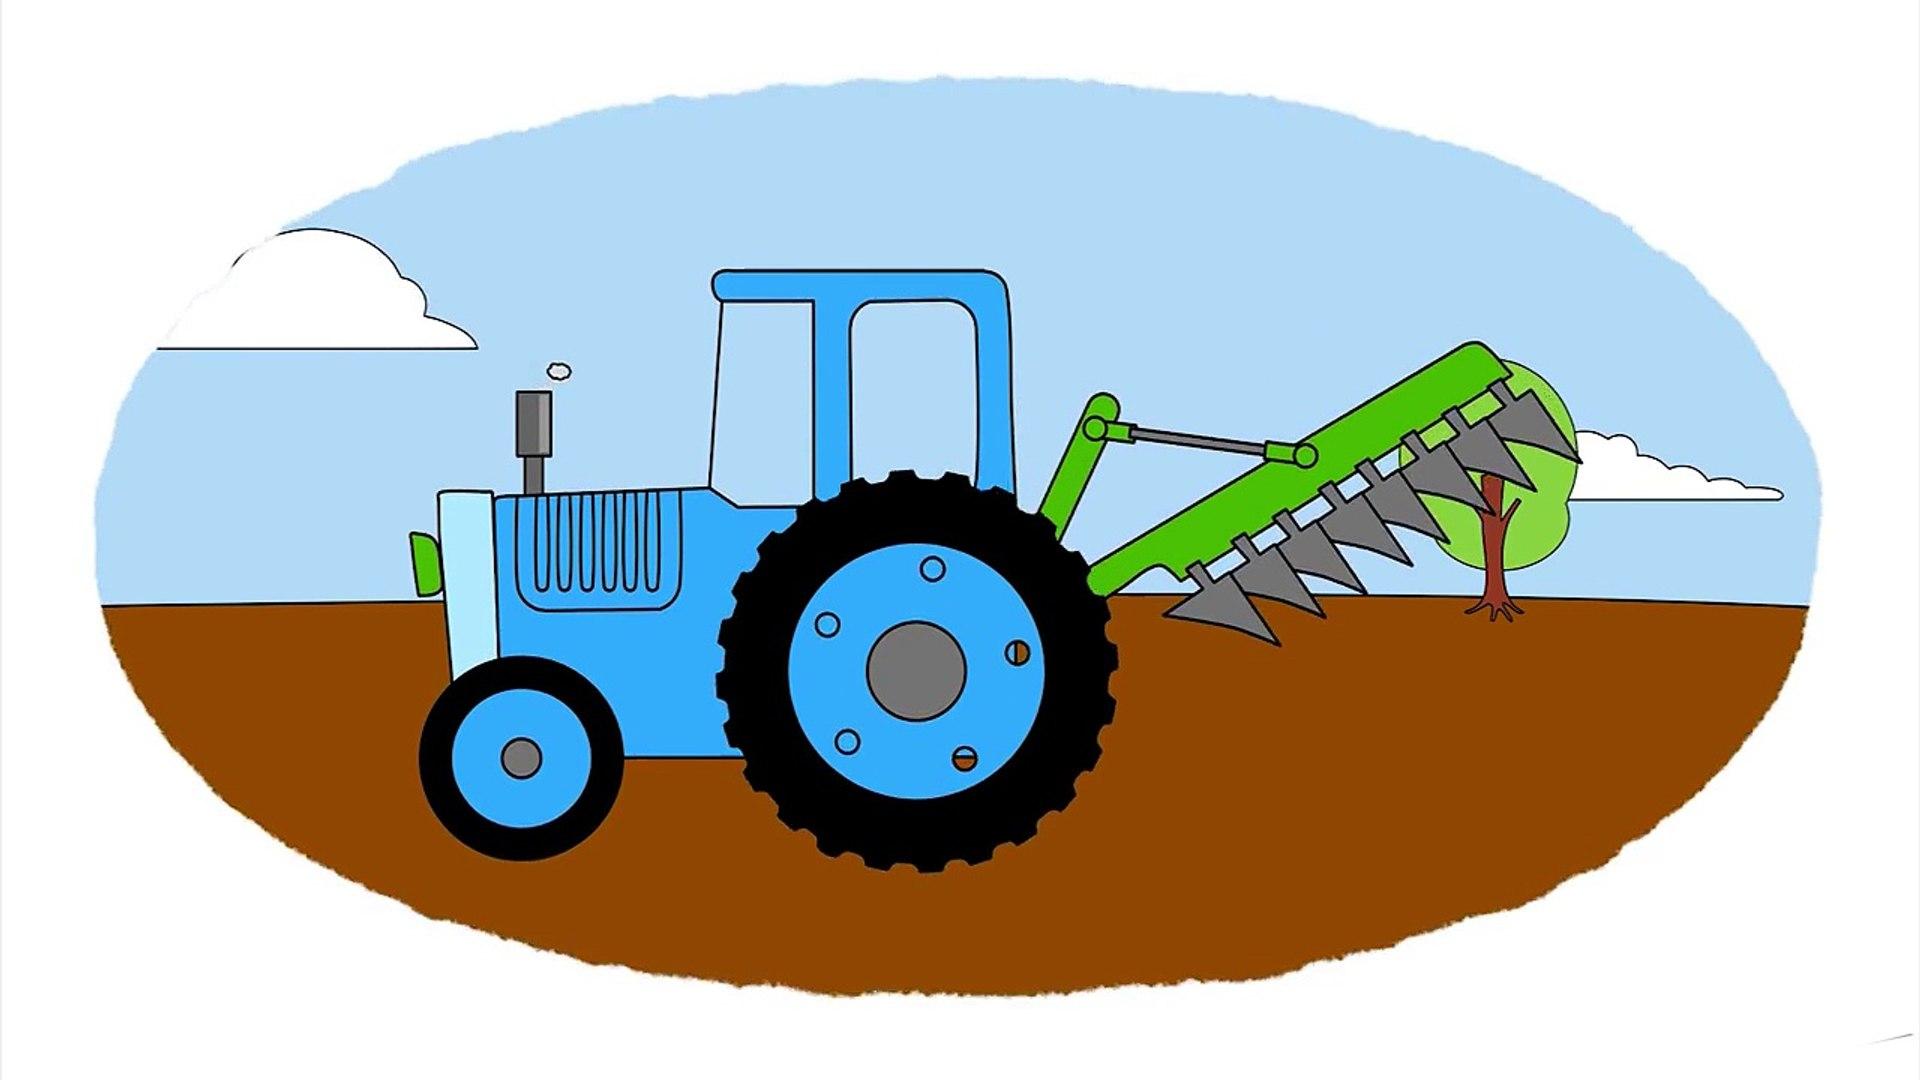 Zeichentrick Malbuch Kran Schaufelbagger Traktor